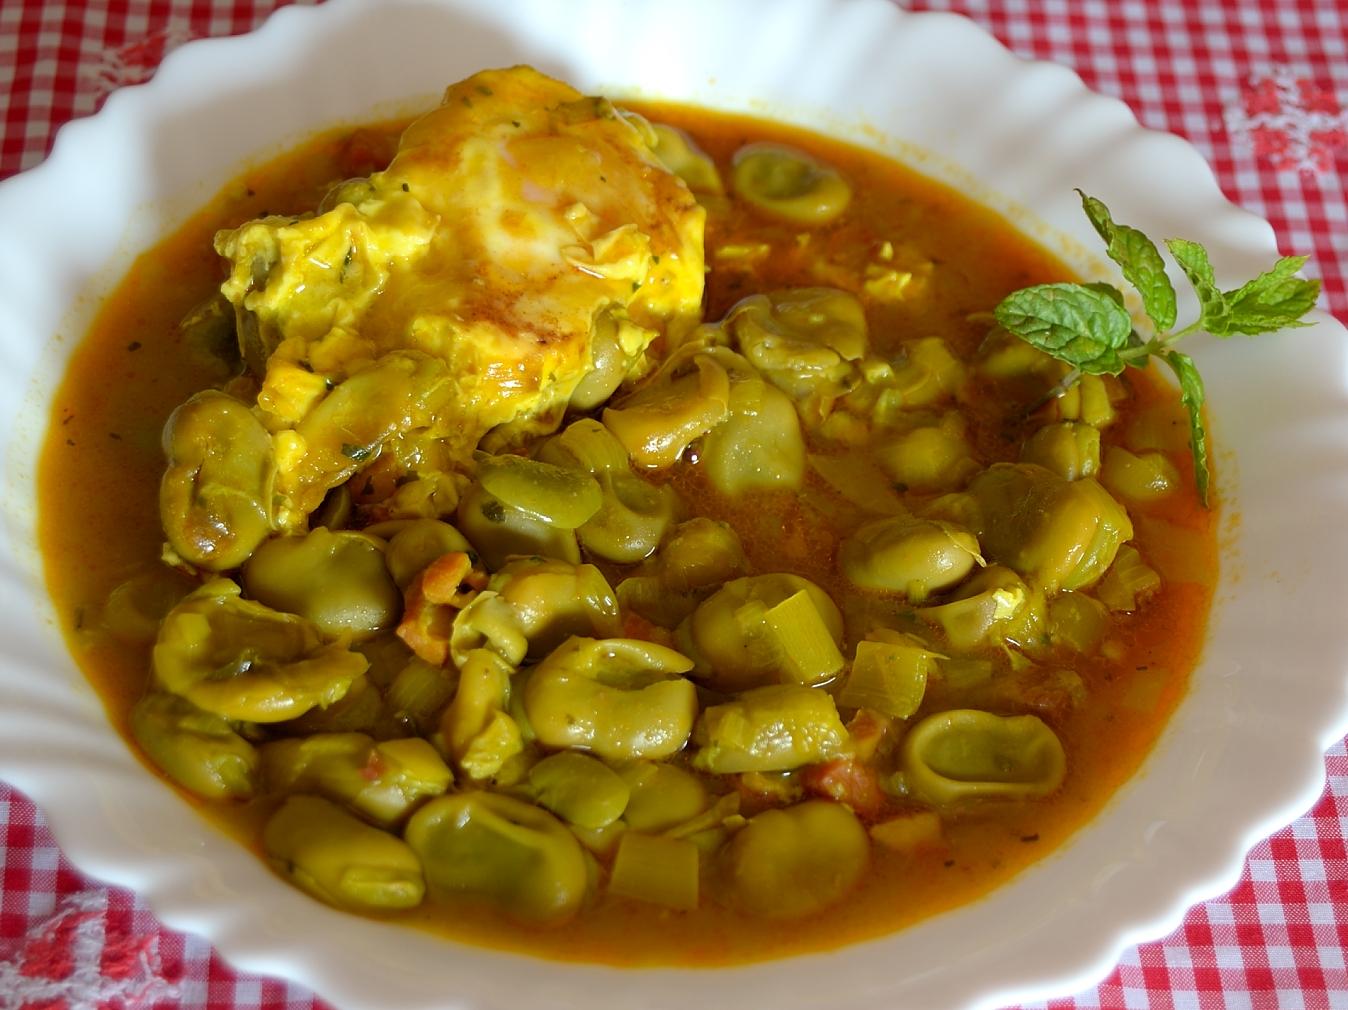 Vamos a hacer de comer habas frescas en salsa - Habas frescas con jamon ...